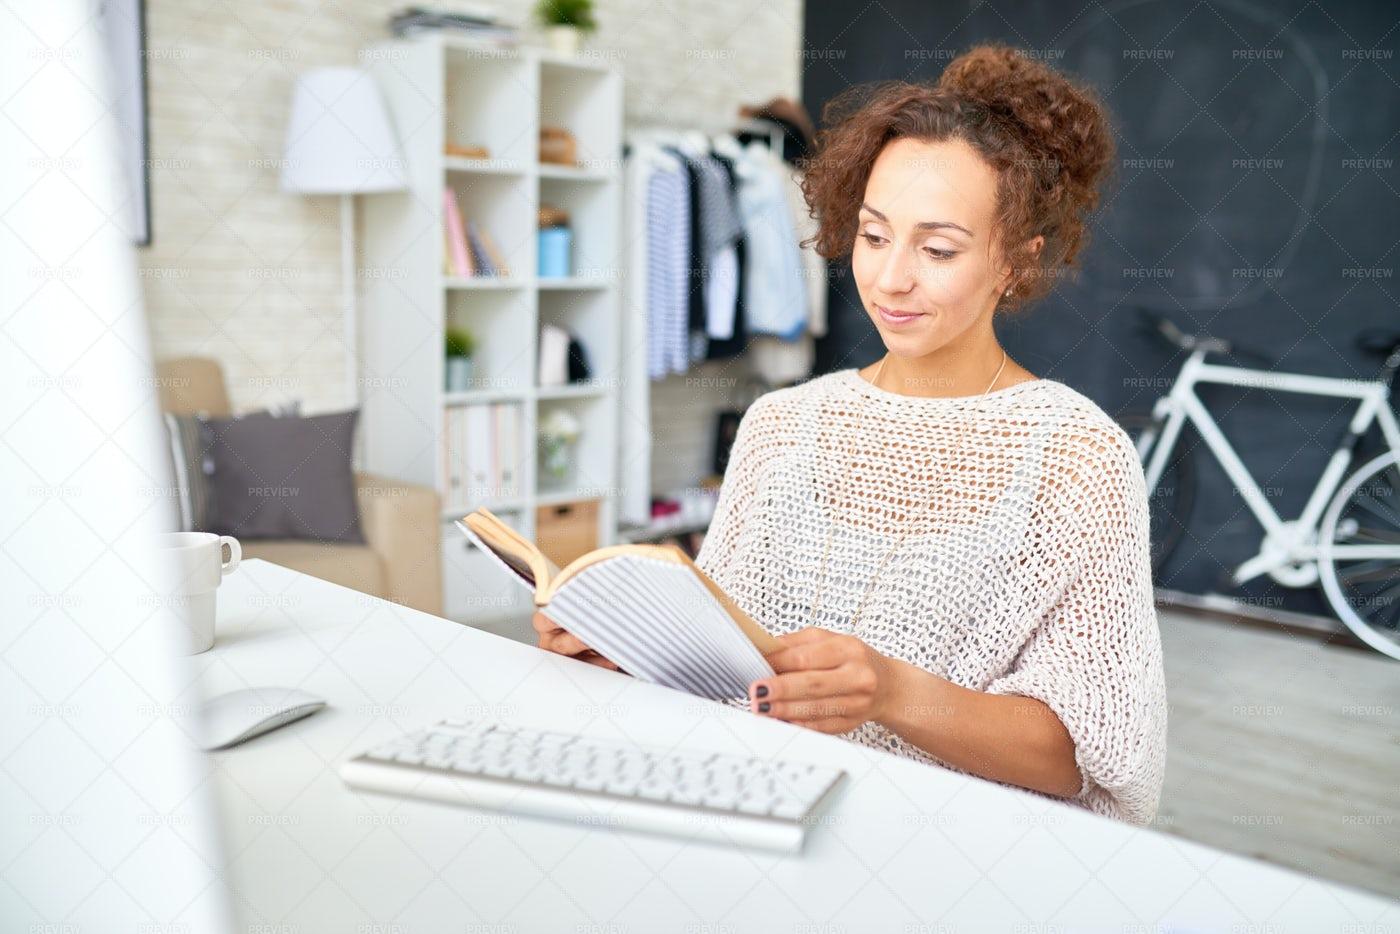 Mixed-Race Woman Relaxing At Desk...: Stock Photos